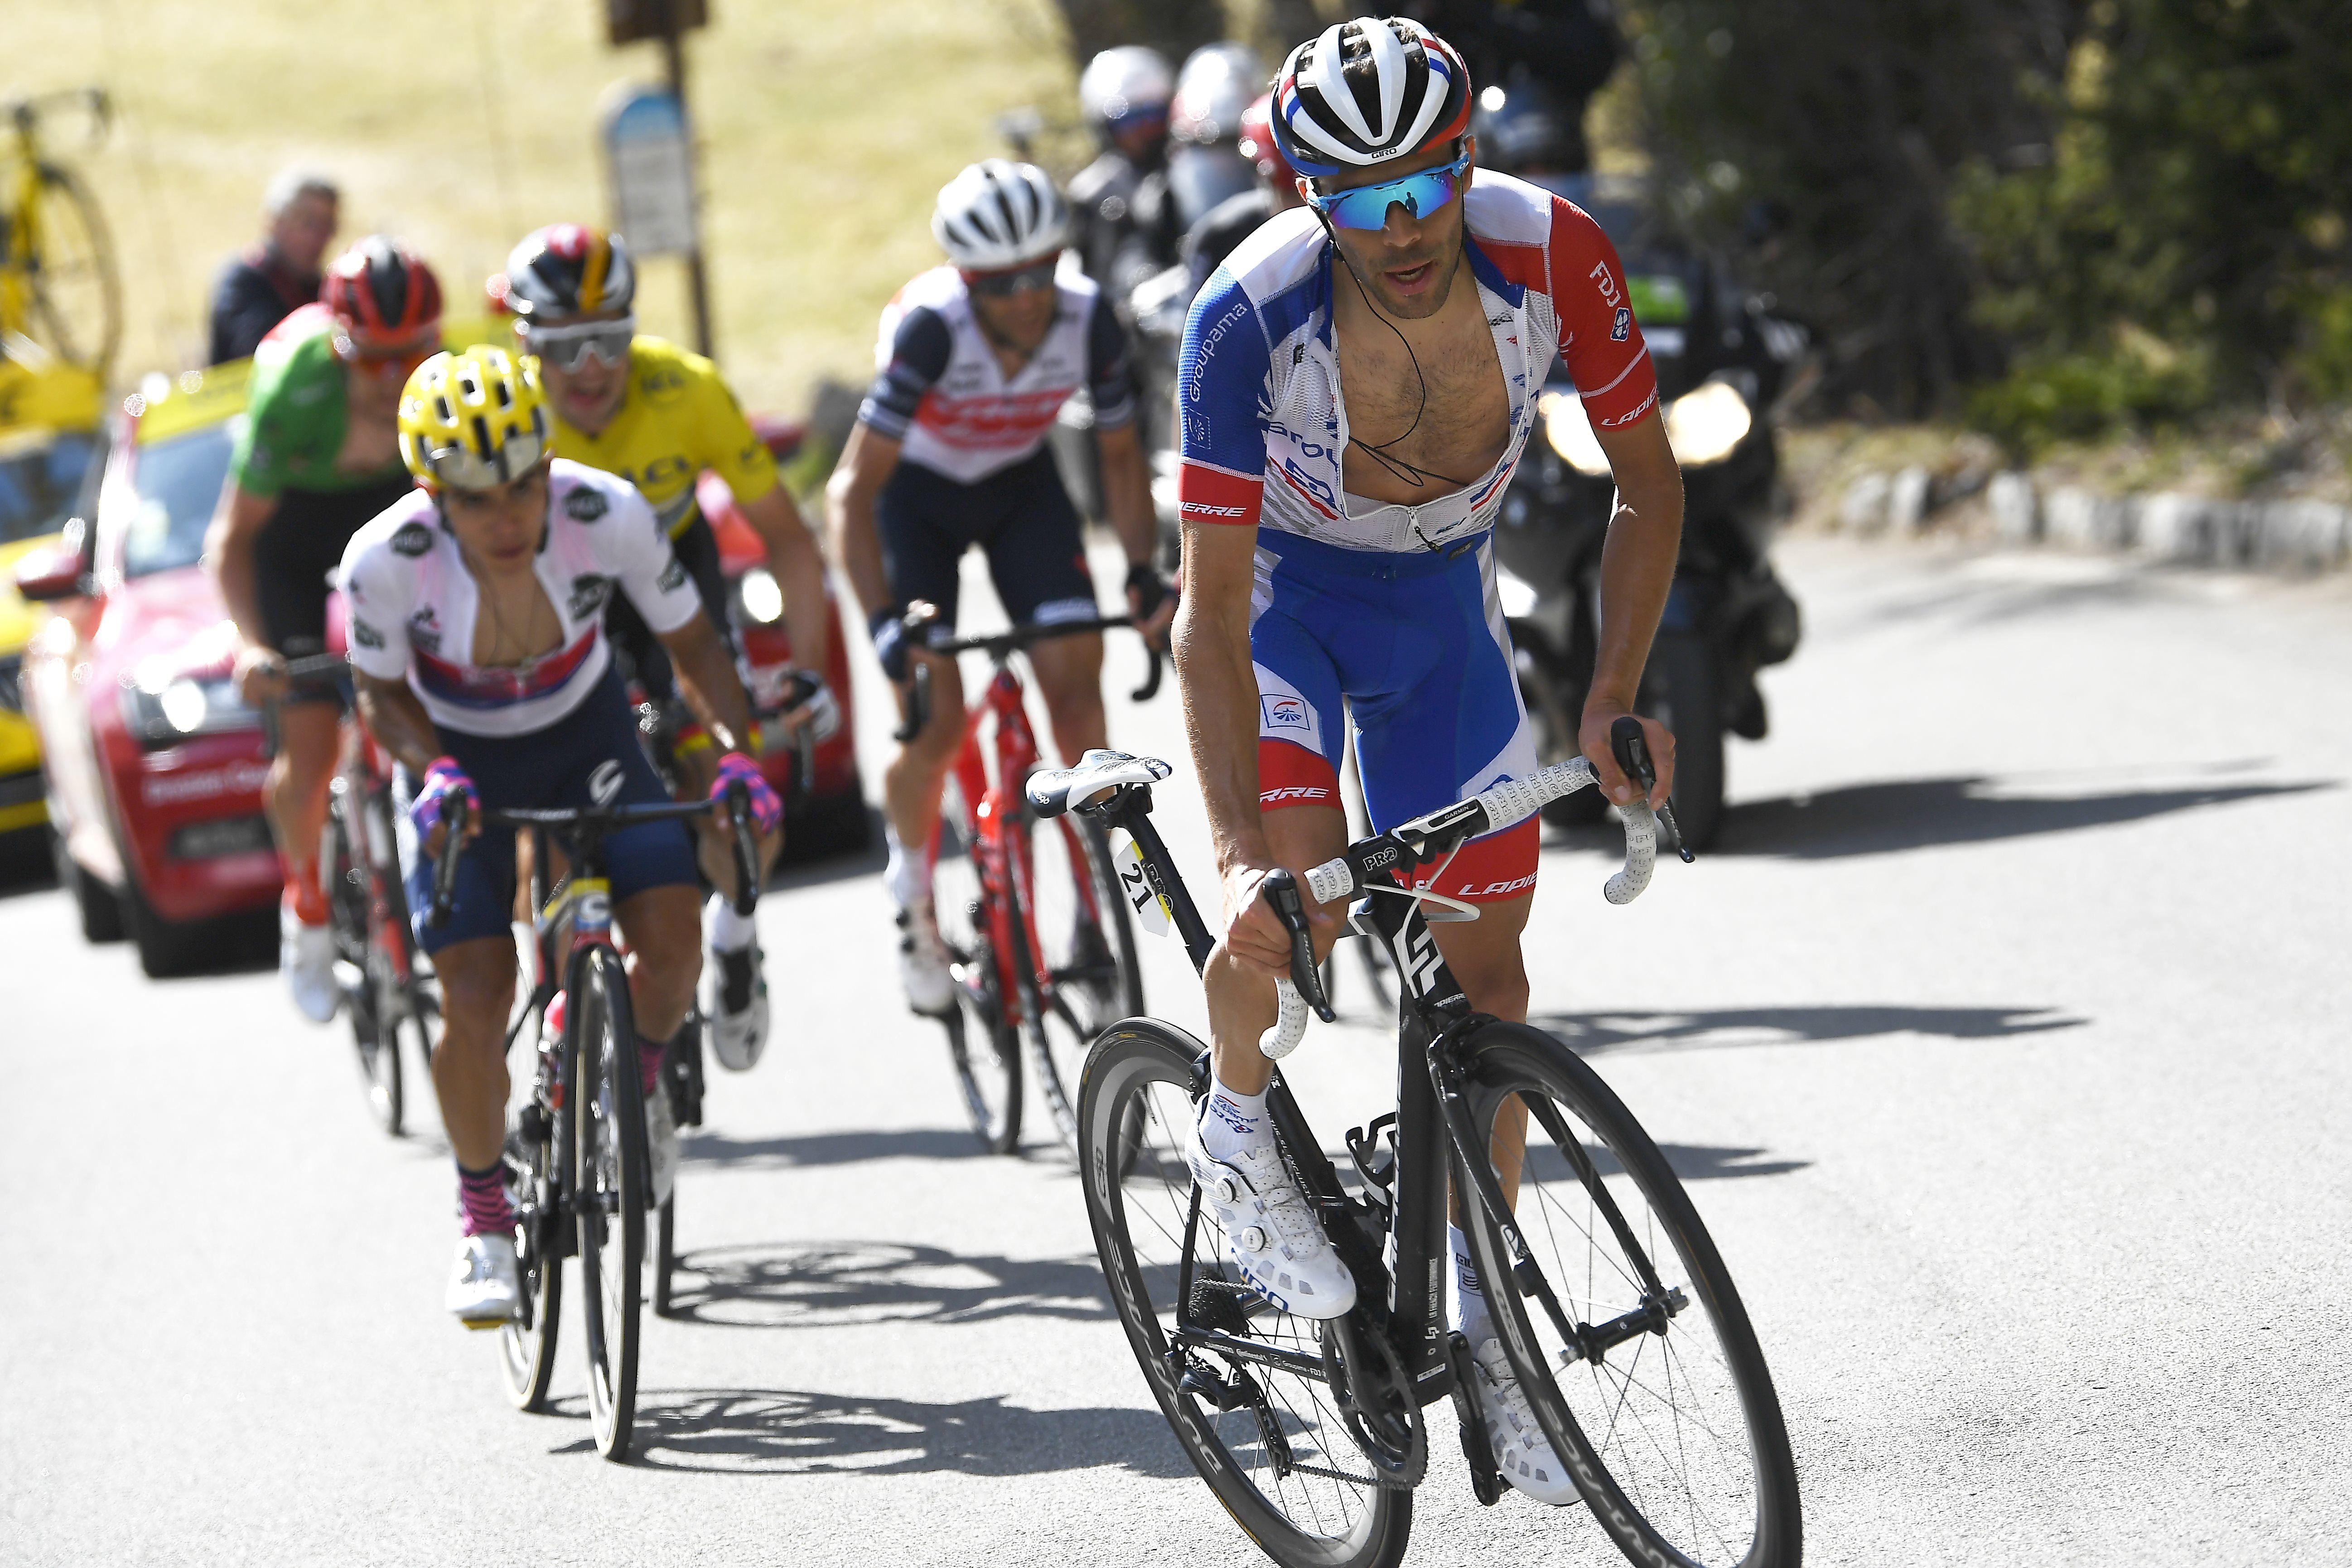 Cyclisme - Groupama-FDJ verrouille Pinot et Démare jusqu'en 2023